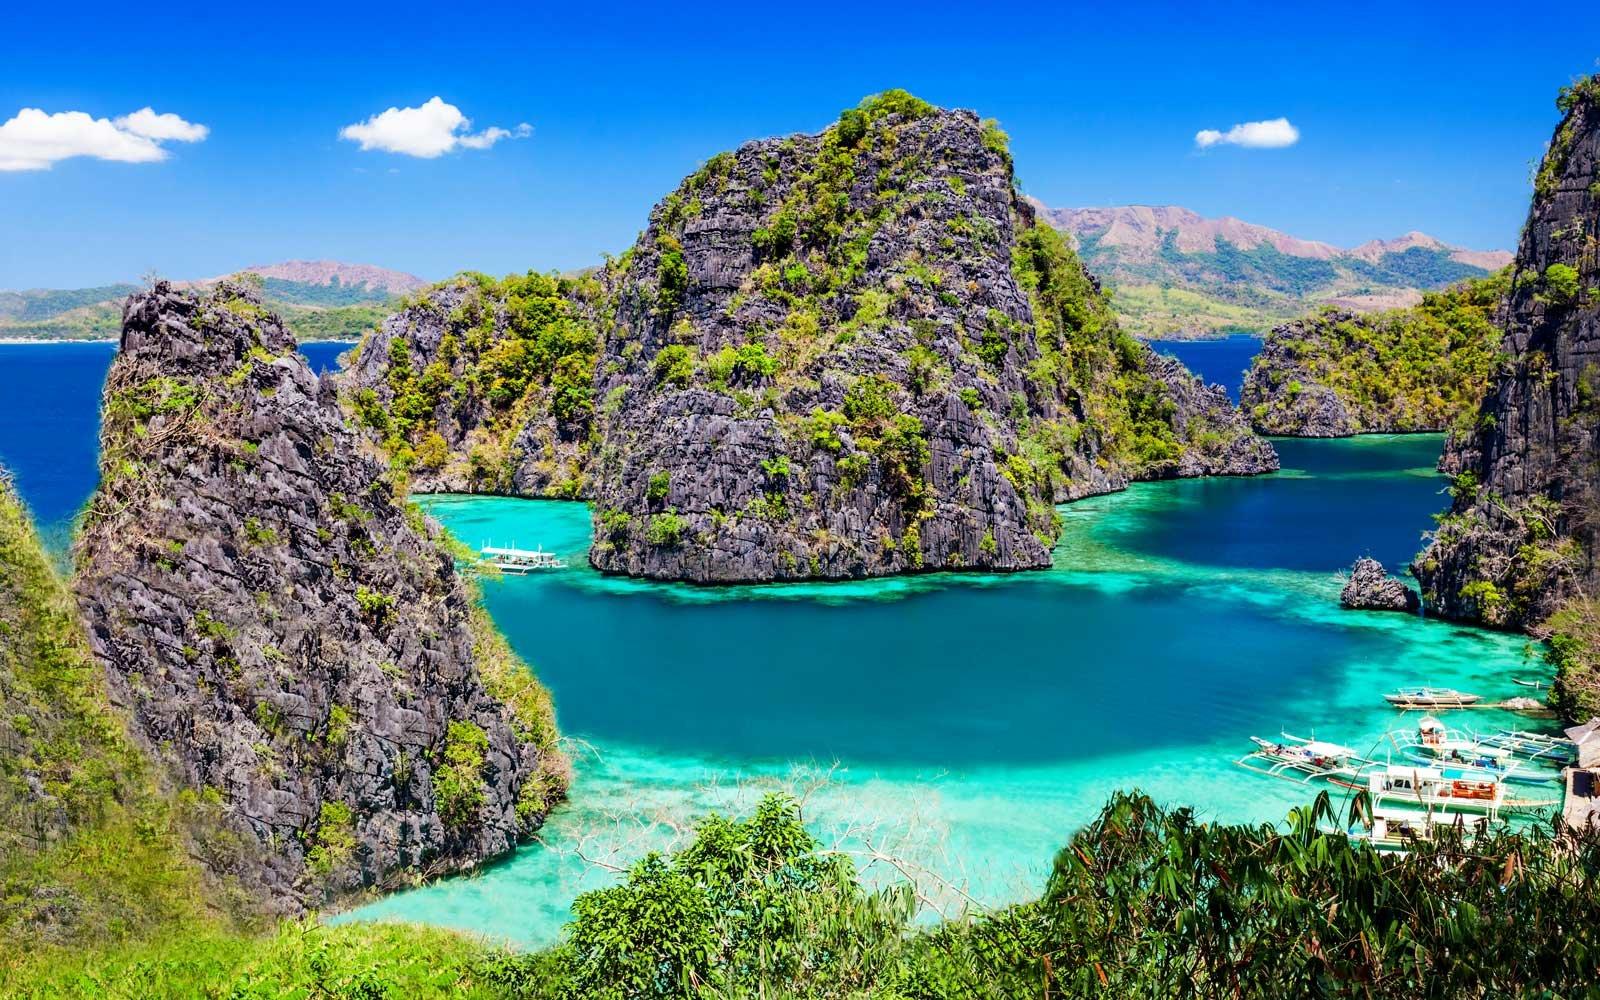 Os 13 lugares onde você pode ver a água mais azul do mundo. Acredite, eles existem.